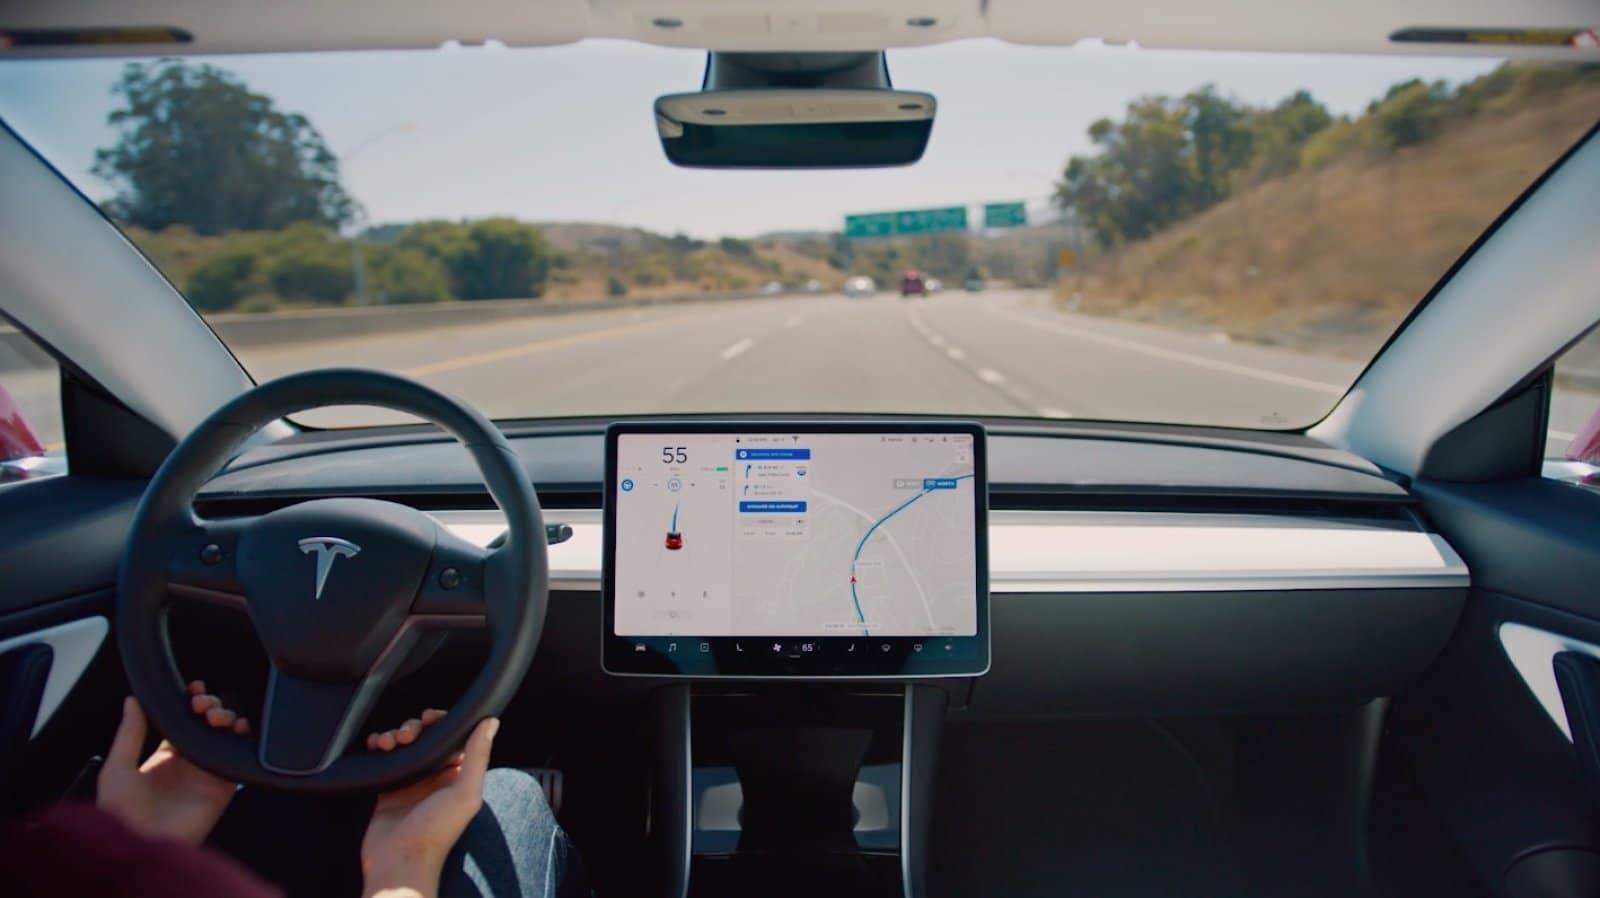 Илон Маск предупредил, что с 1 мая цена за полный автопилот (опция Full Self-Driving) для автомобилей Tesla заметно вырастет